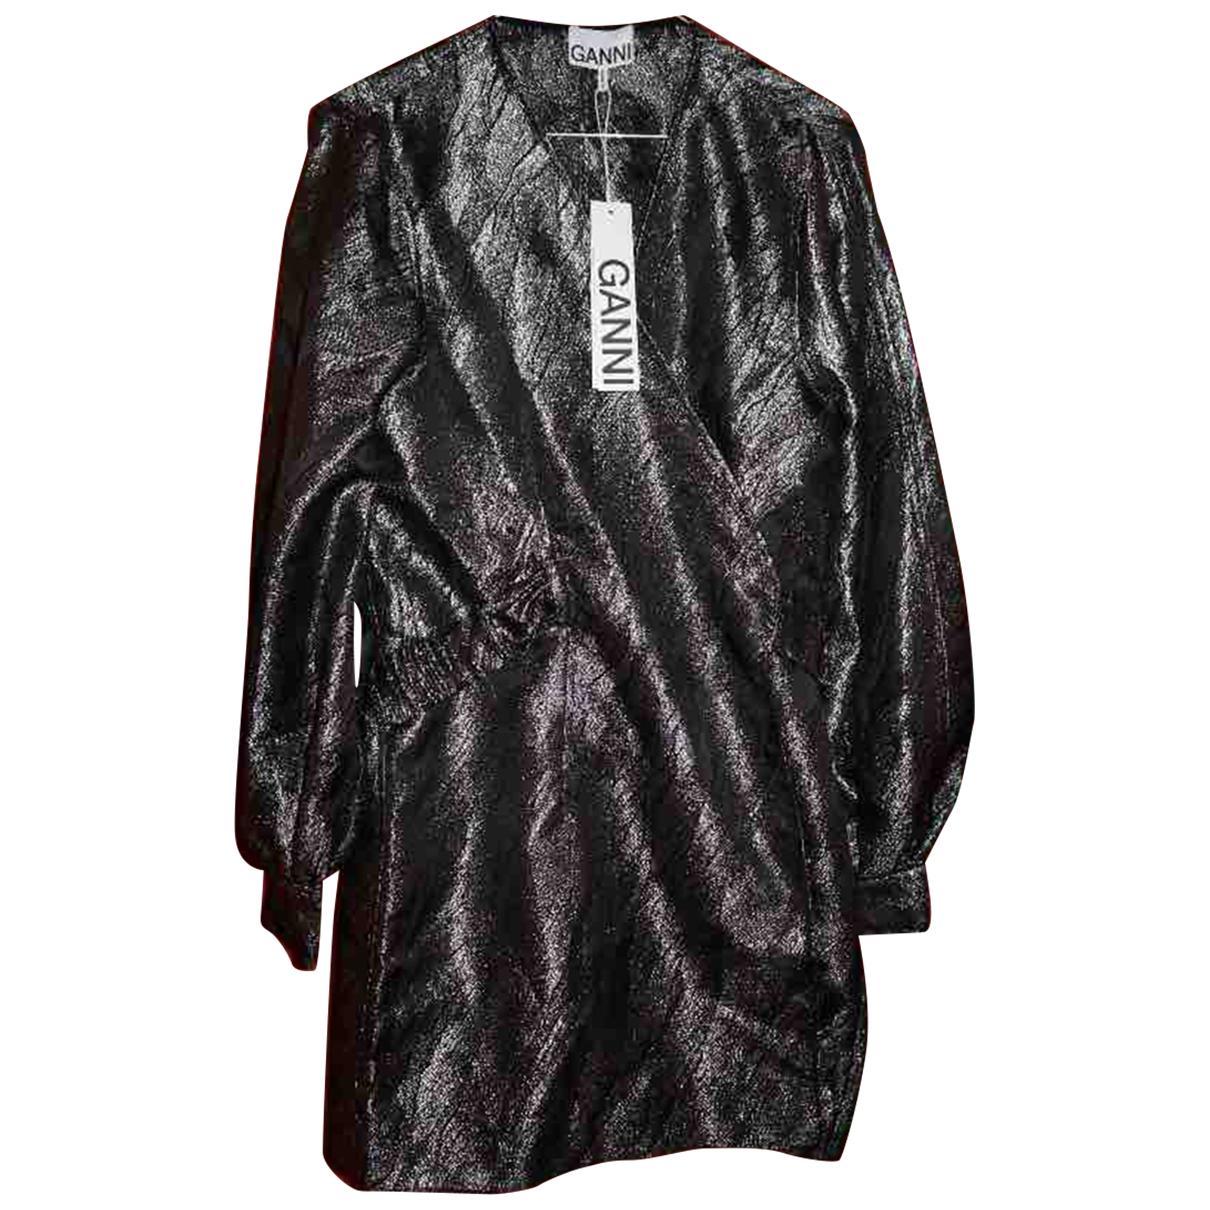 Ganni Fall Winter 2019 Kleid in  Metallic Mit Pailletten